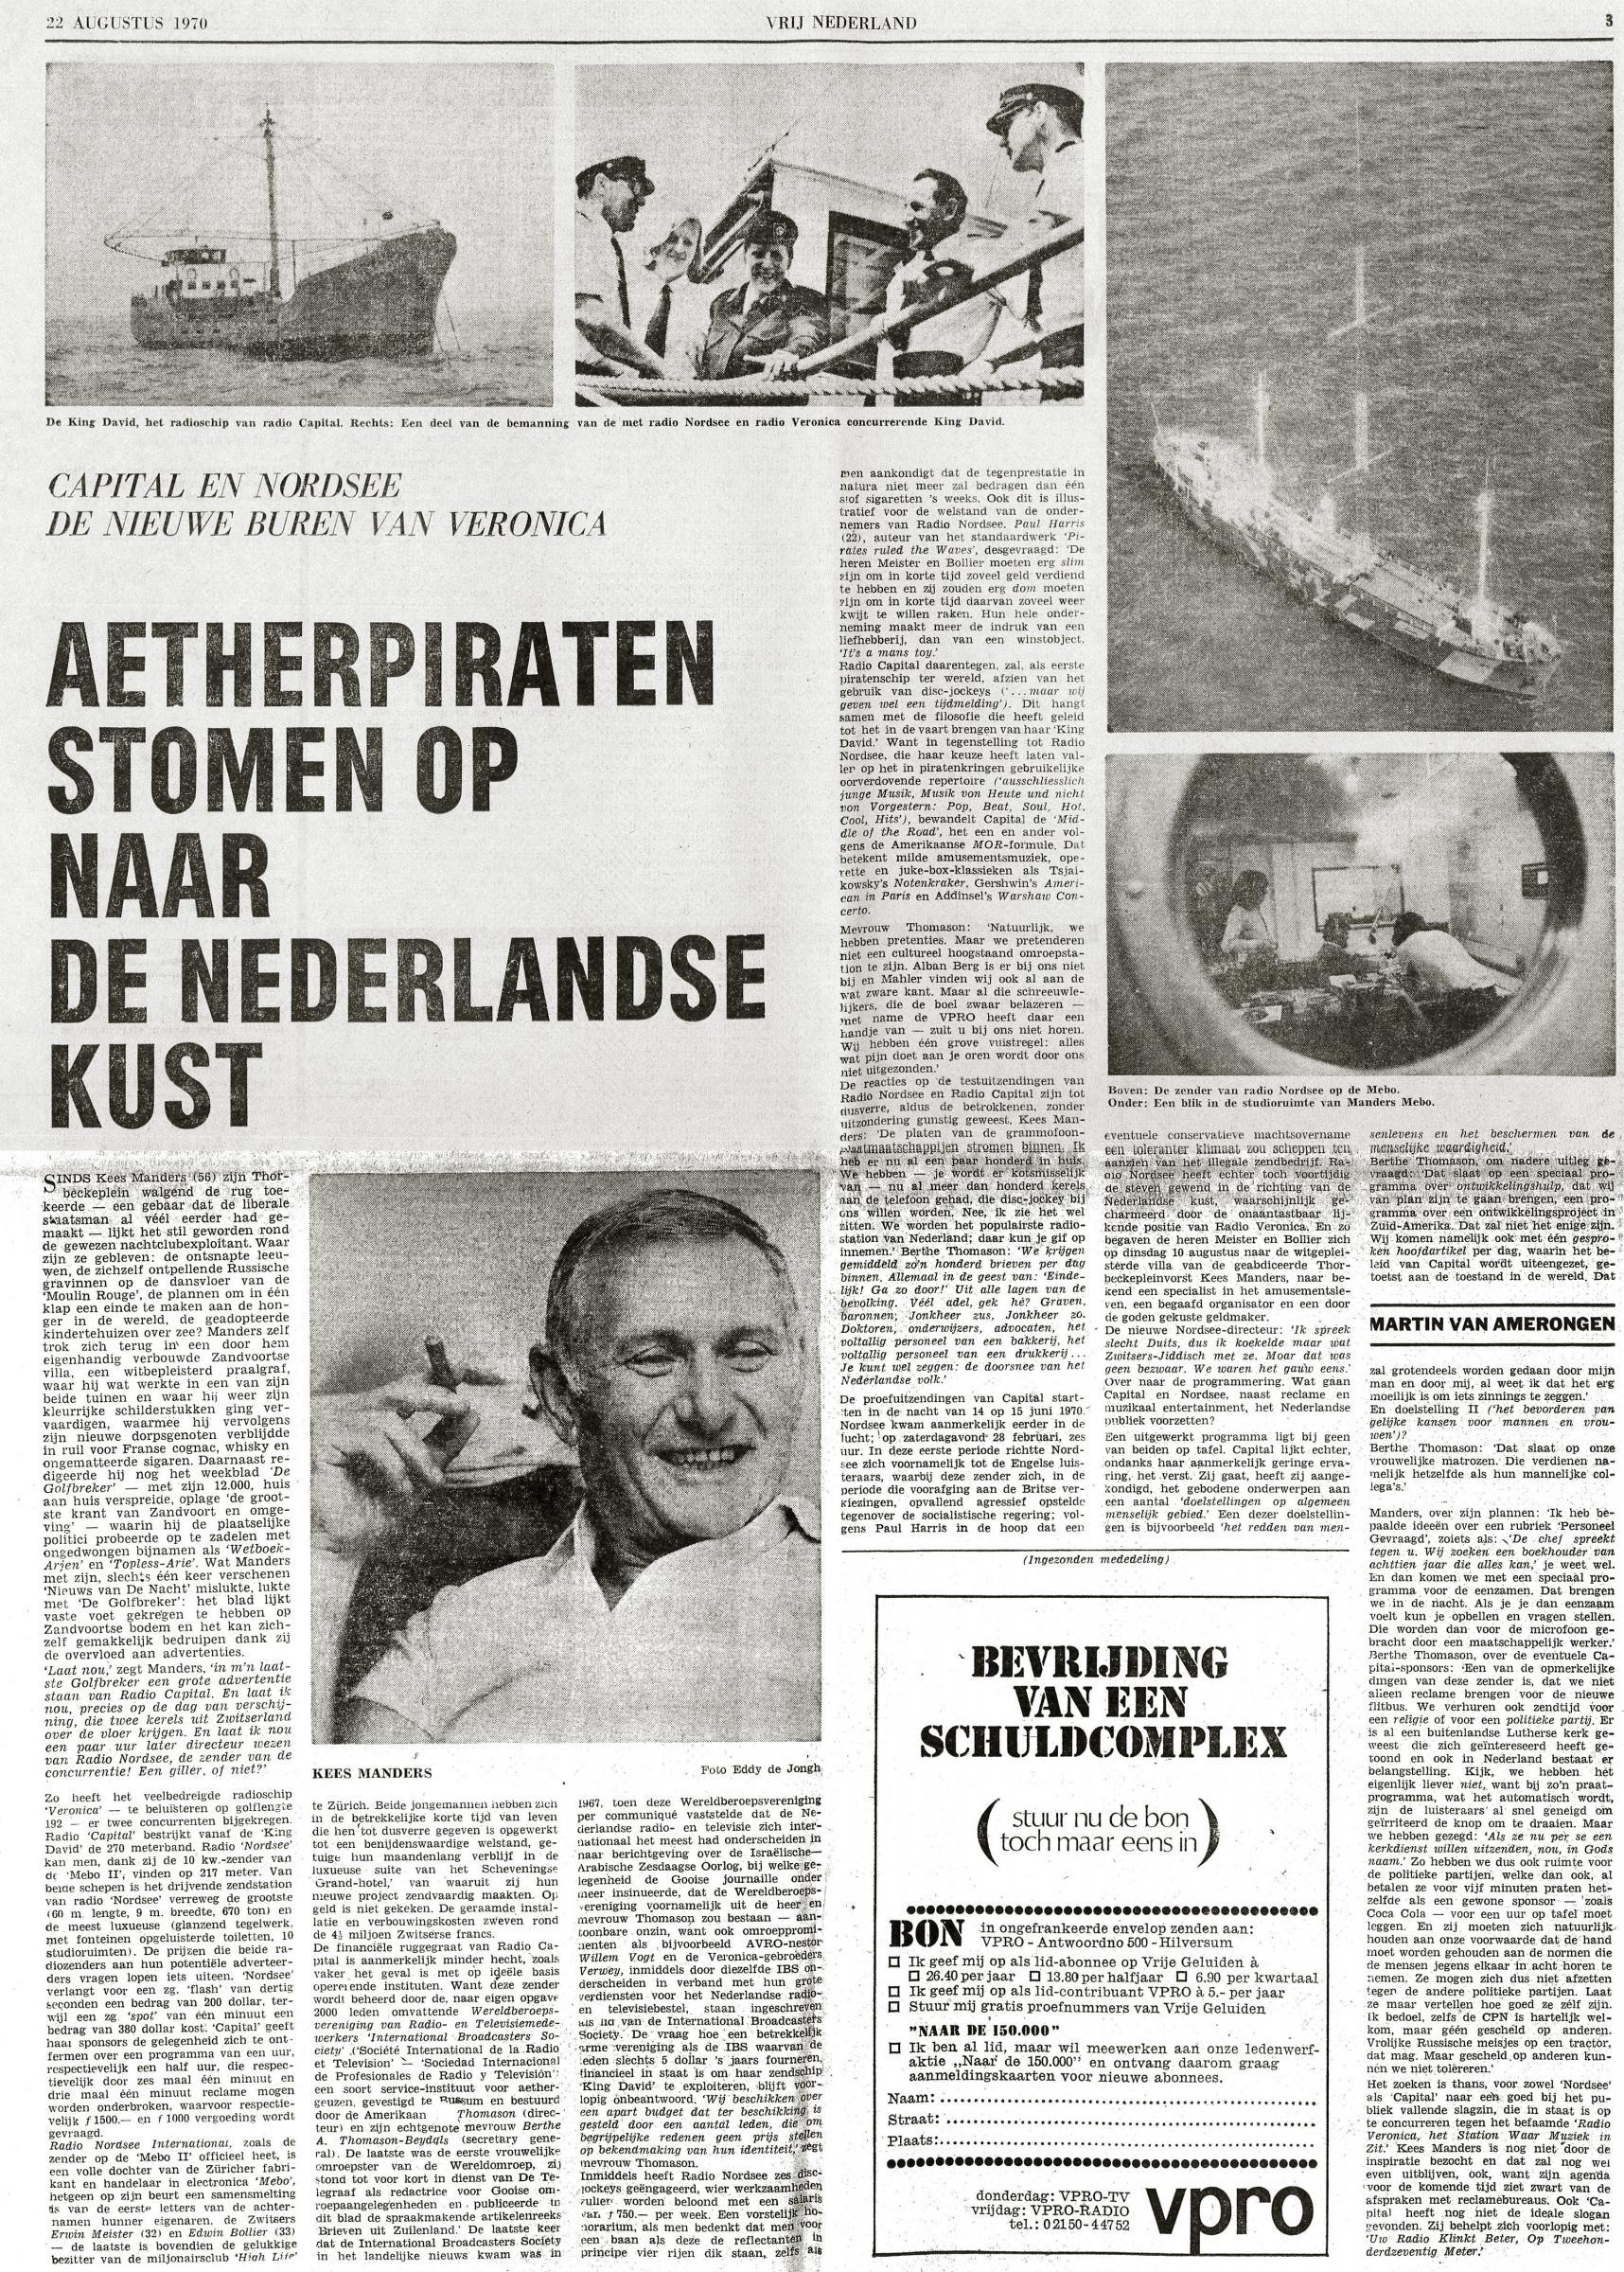 19700822_VV Aetherpiraten stomen op naar de Nederlandse  kust.jpg